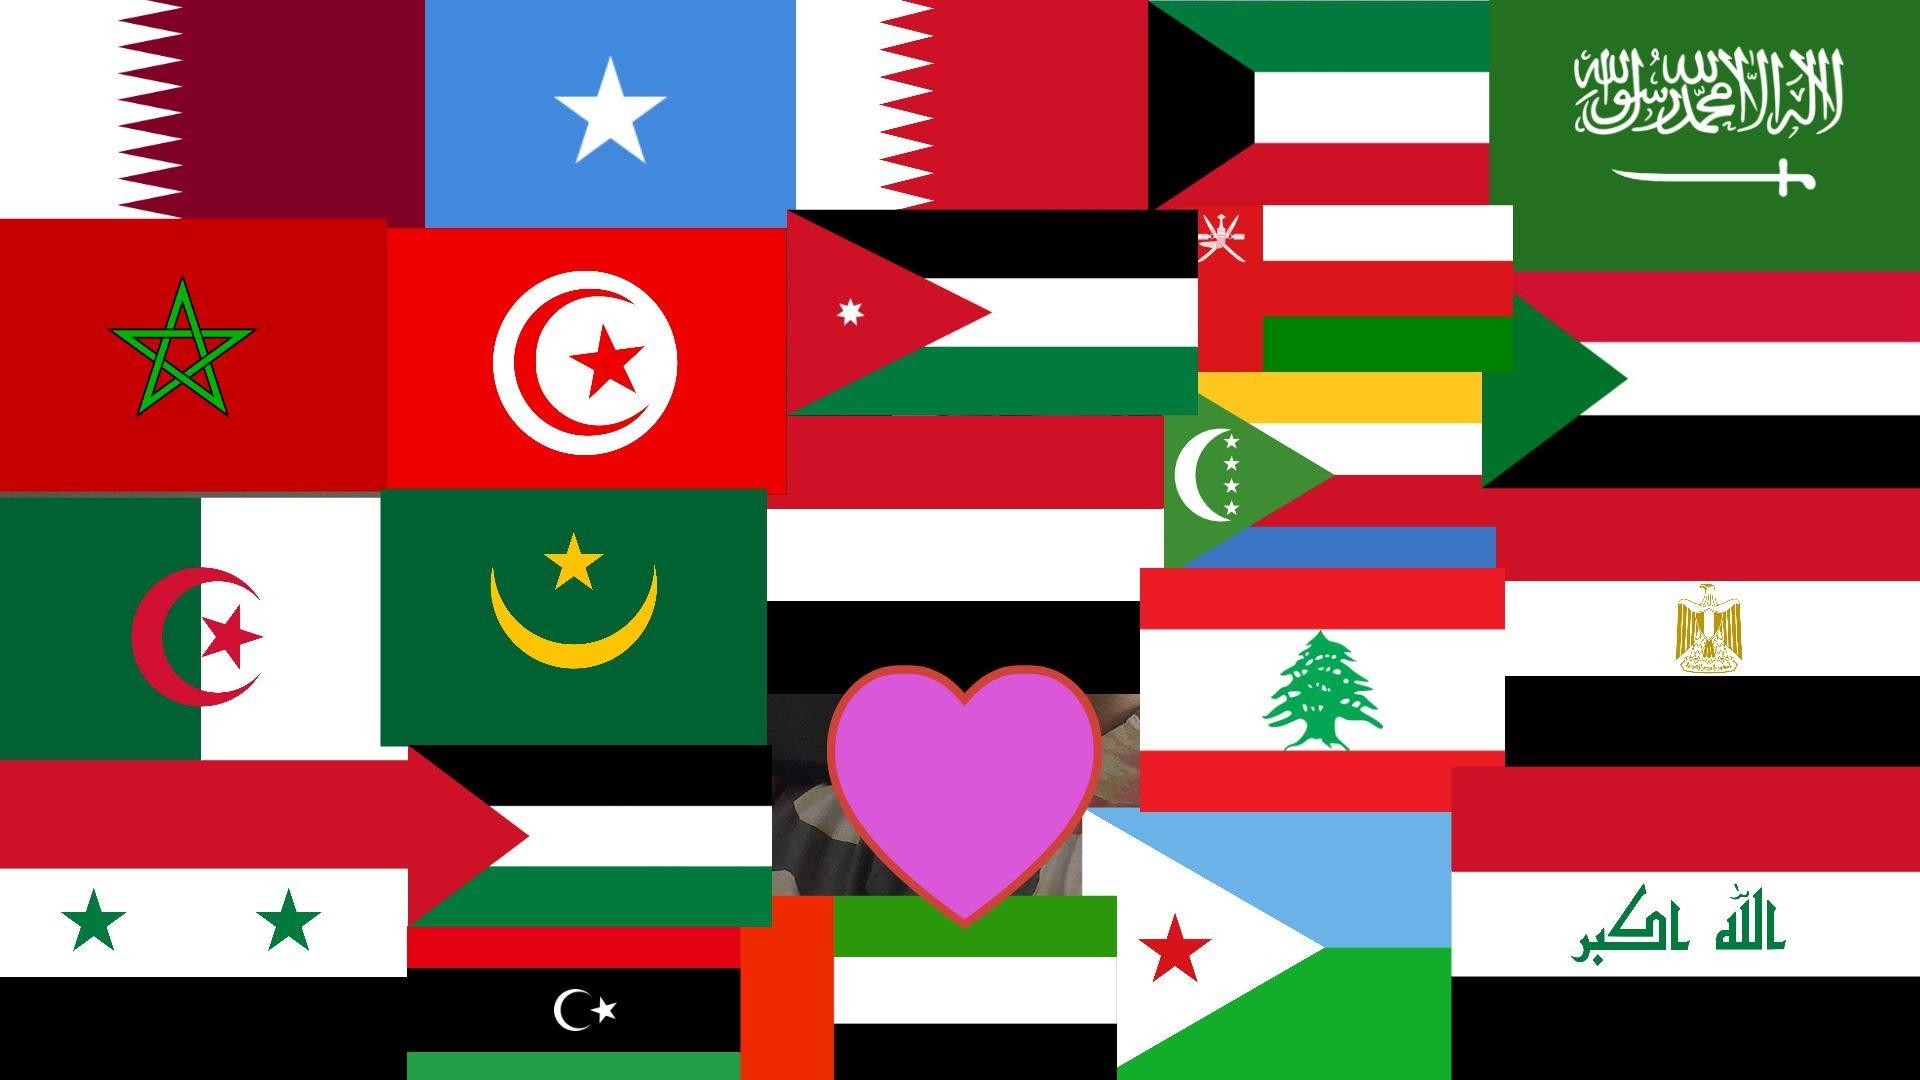 بالصور رموز الدول , امور اول مرة ستعرفها عن الدول 206 5